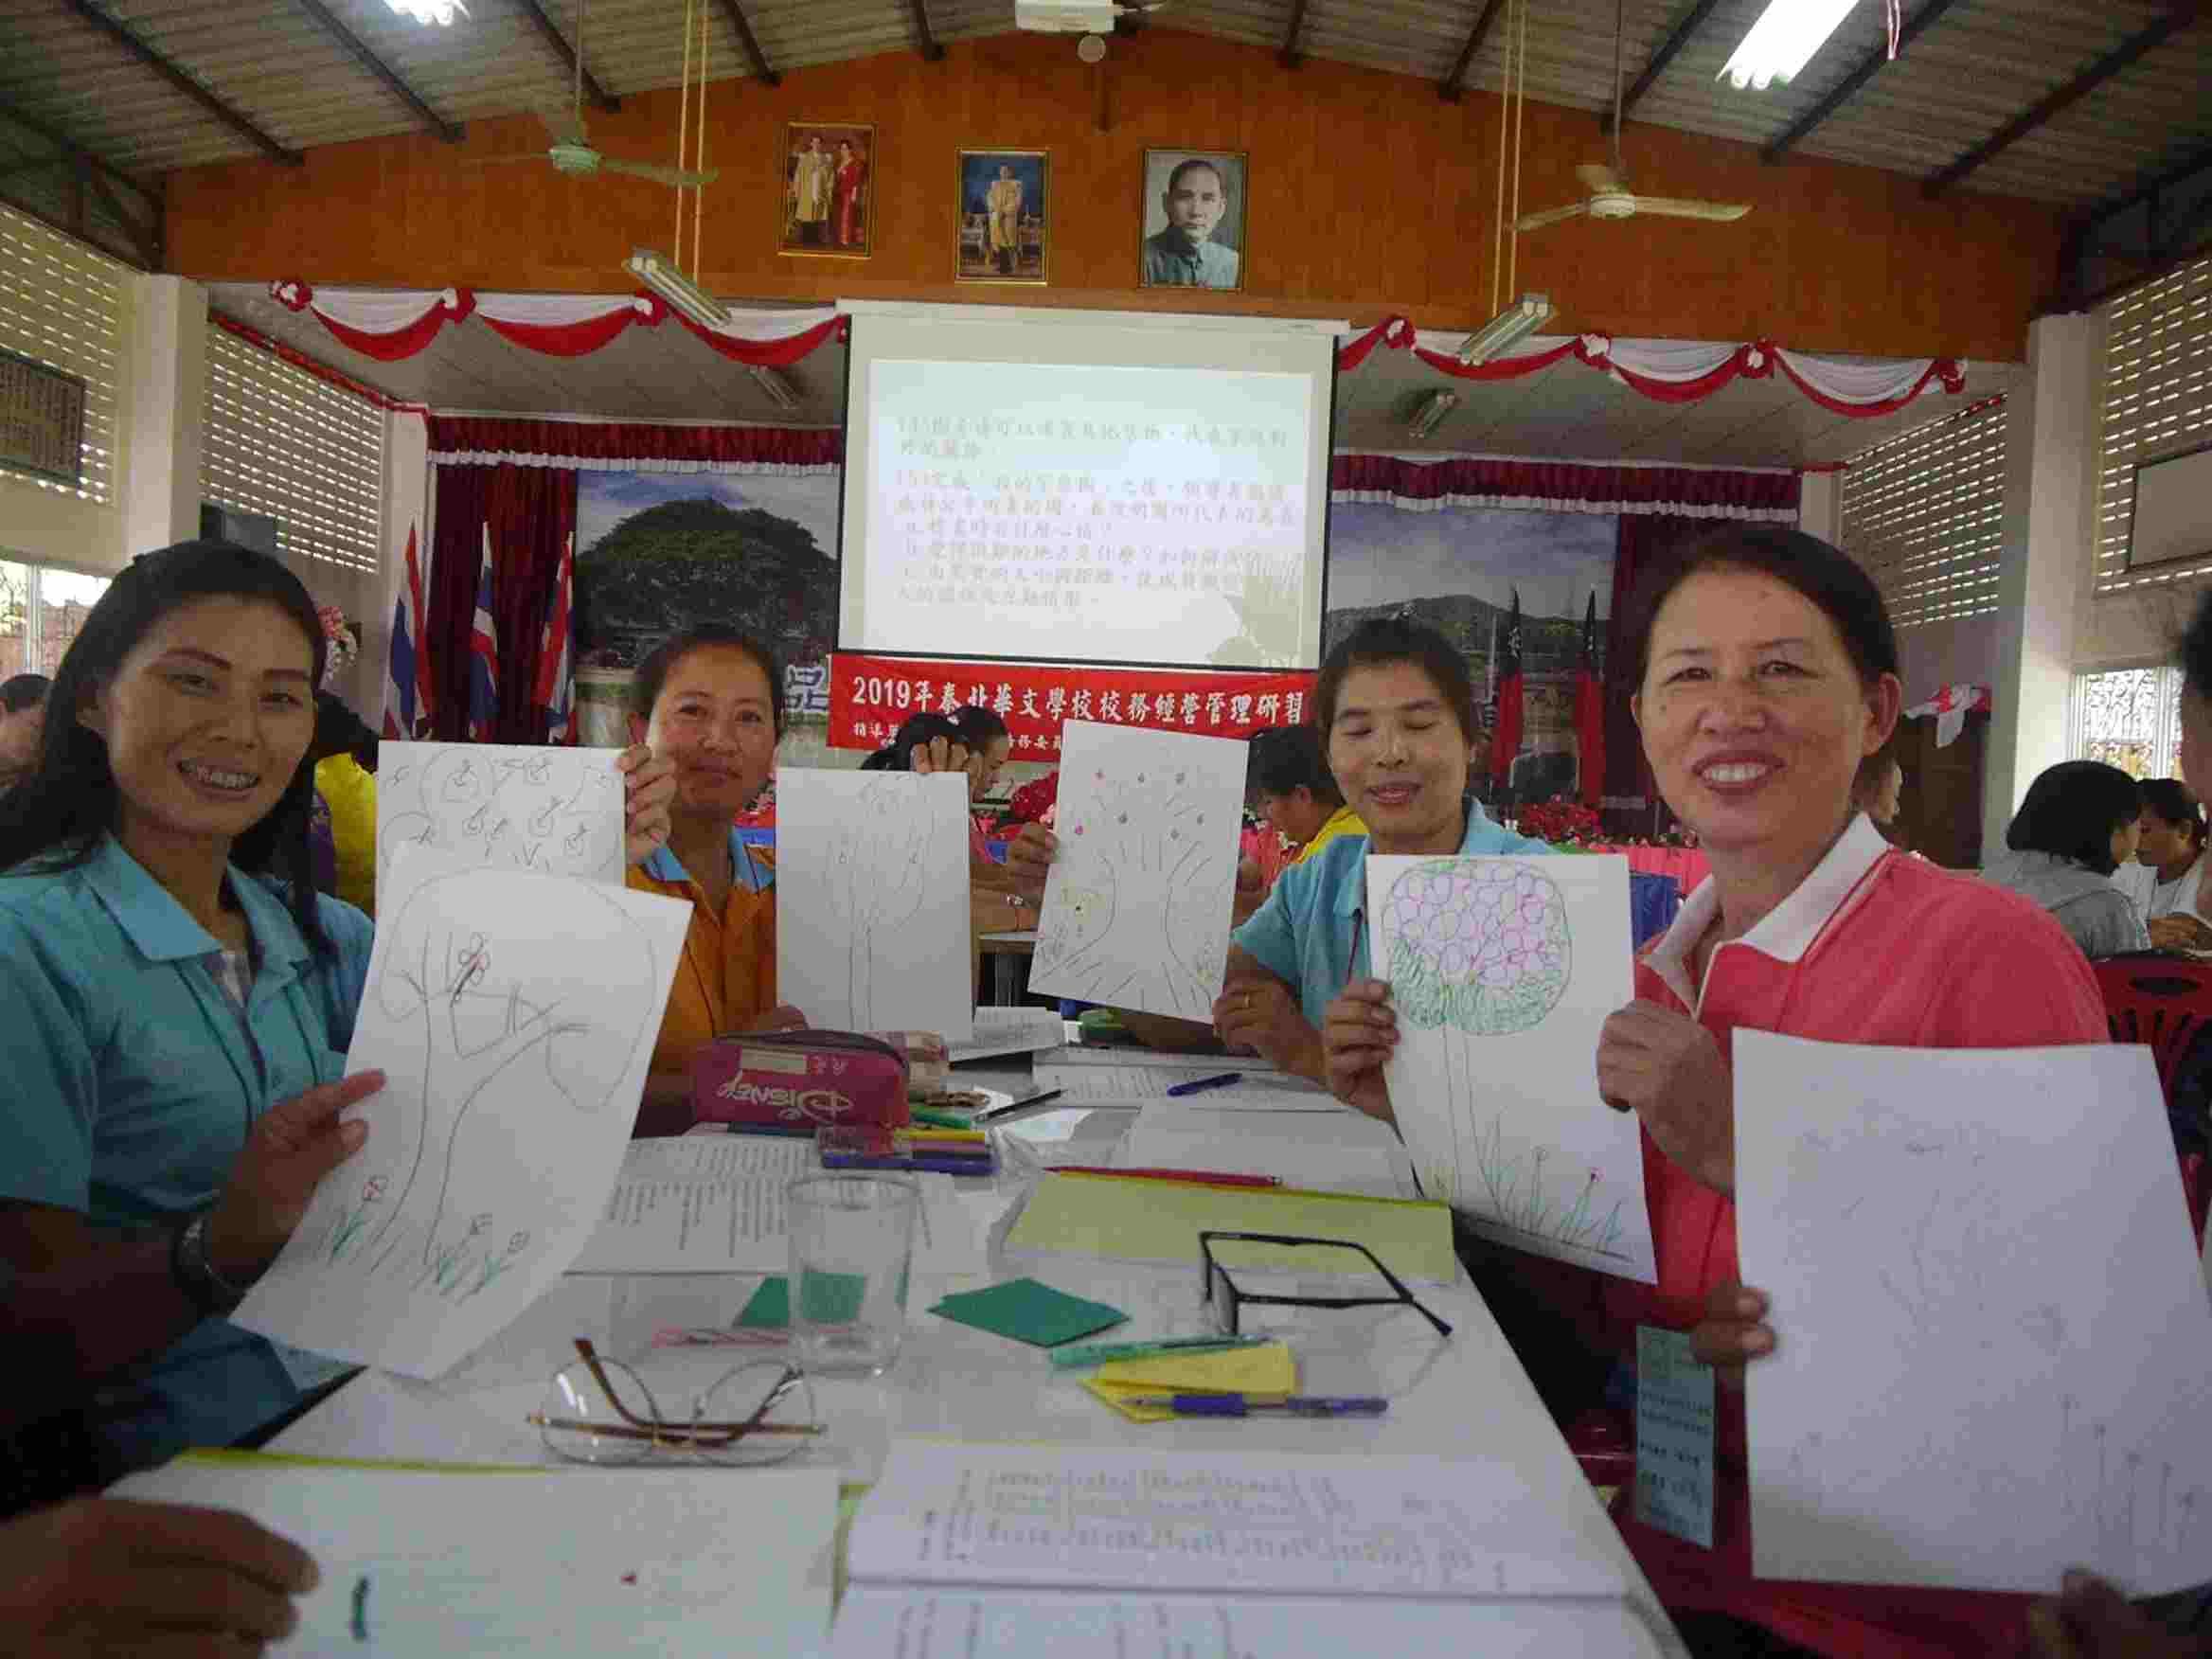 學員於「團體輔導活動」中完成「我的家庭樹」,並與組員分享。